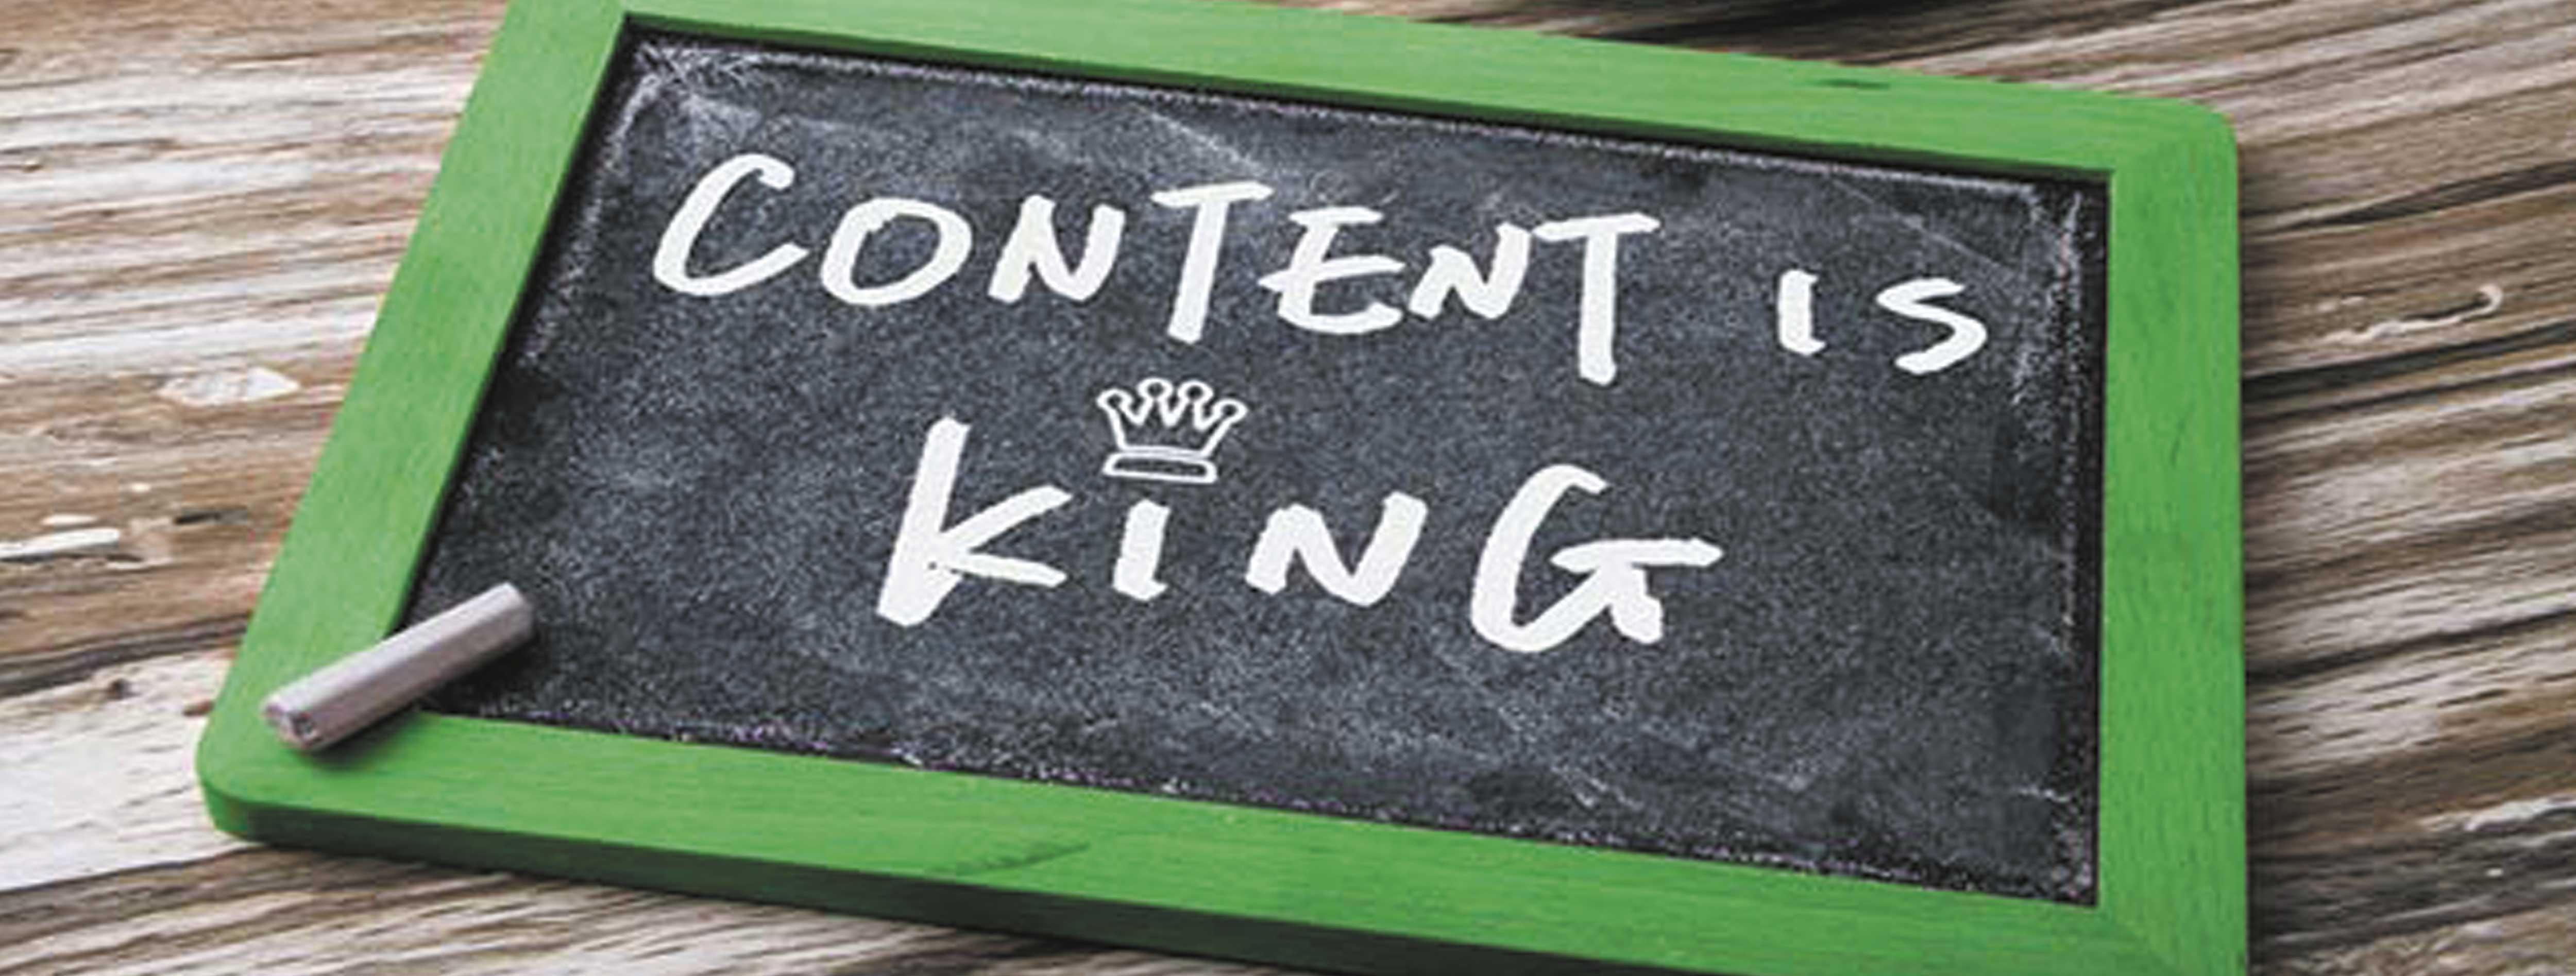 Inmersive Marketing ¿Cómo recuperar la atención de los usuarios?